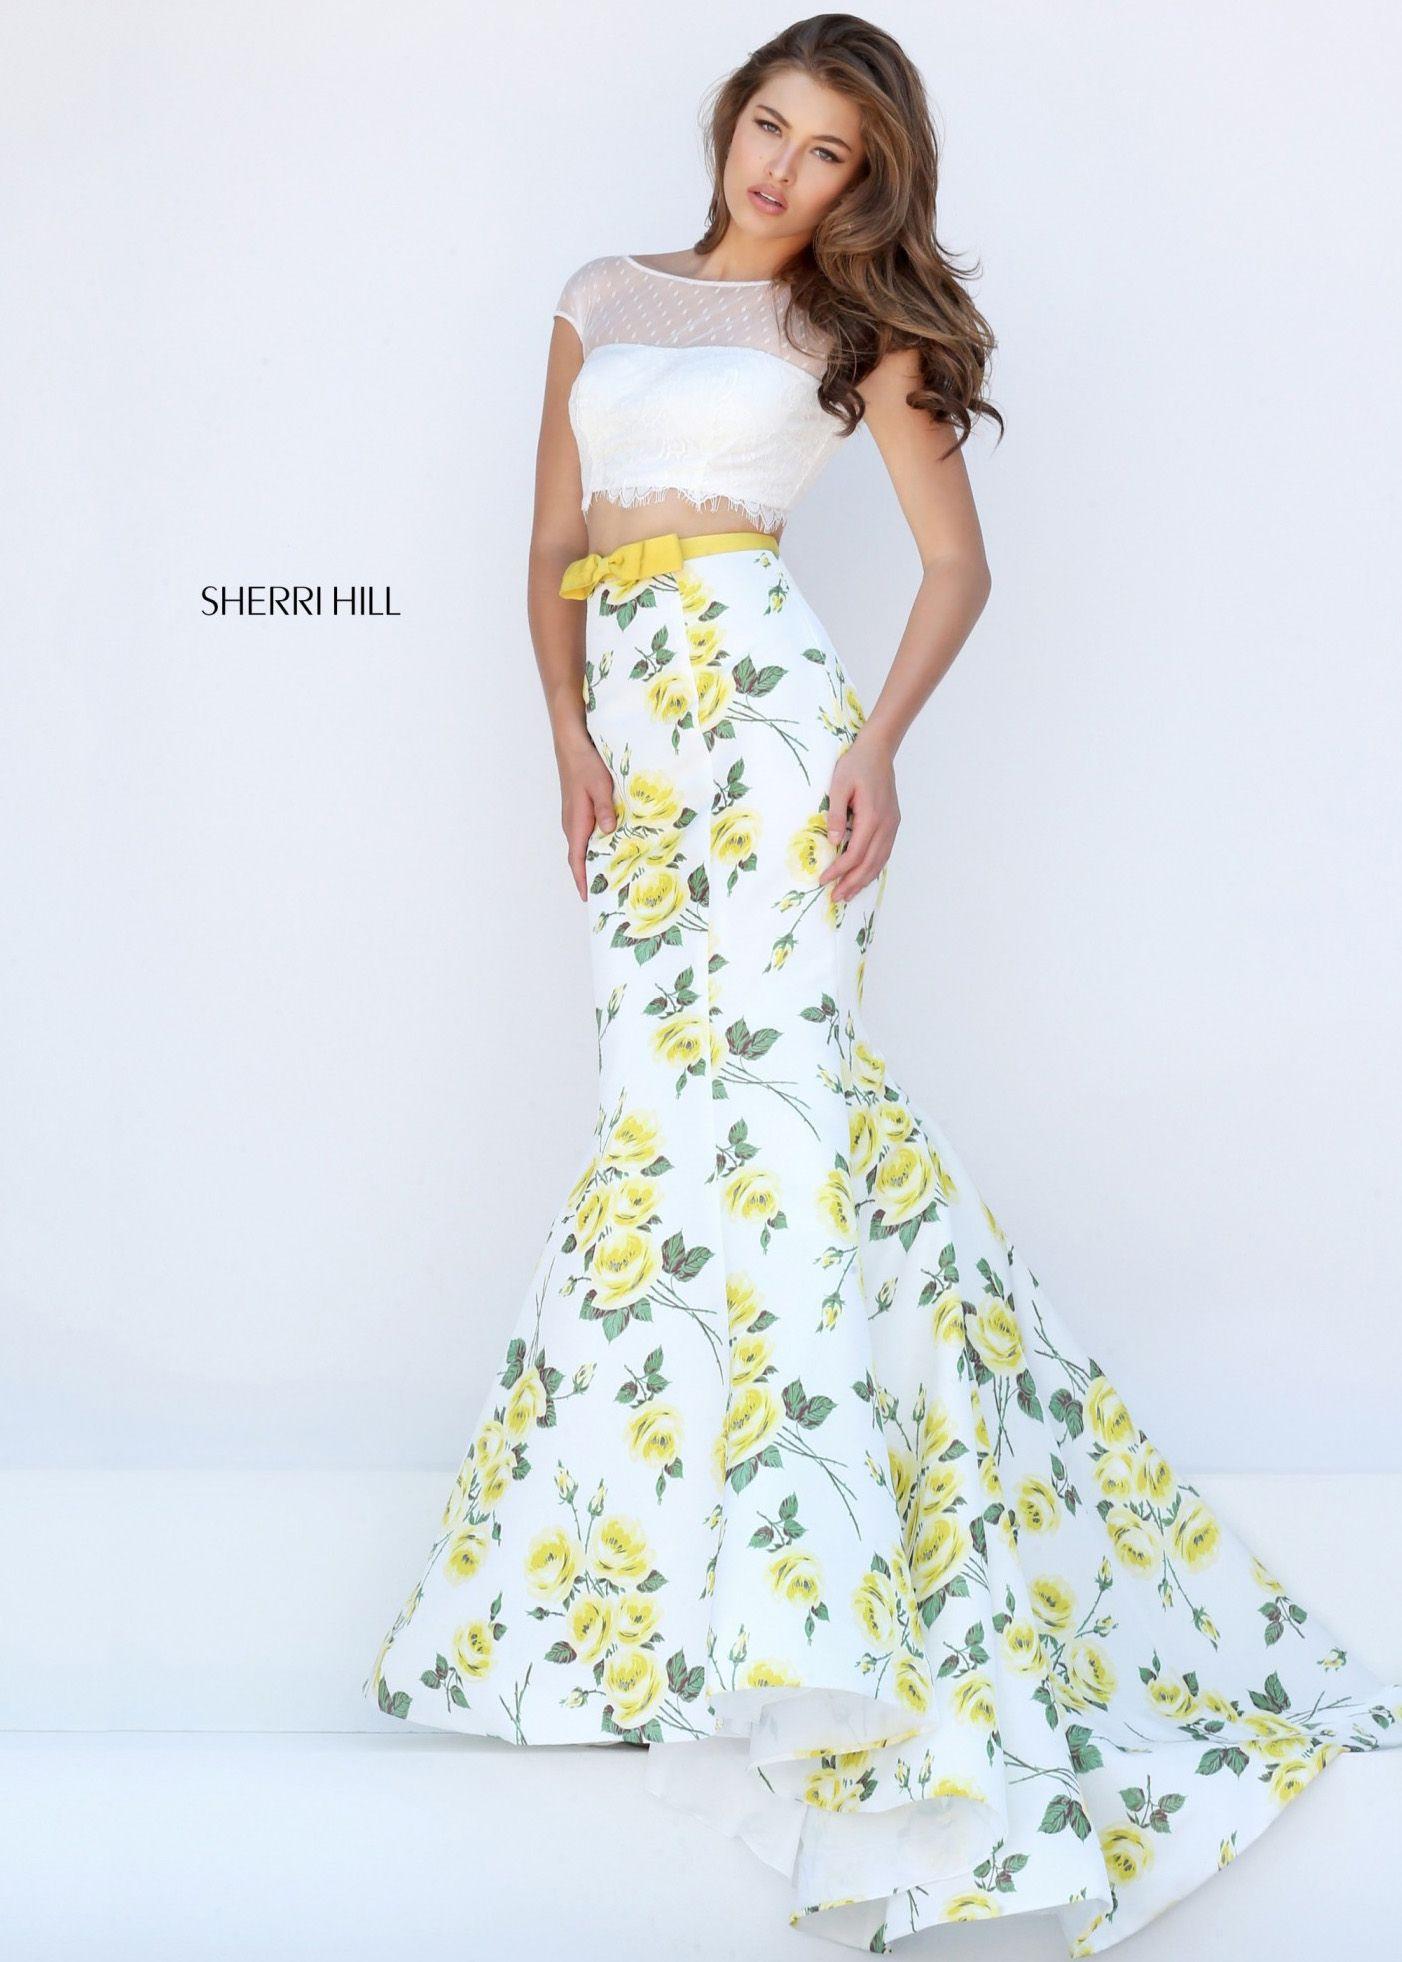 Sherri hill fitted cap sleeve pc mermaid dress sale fancy